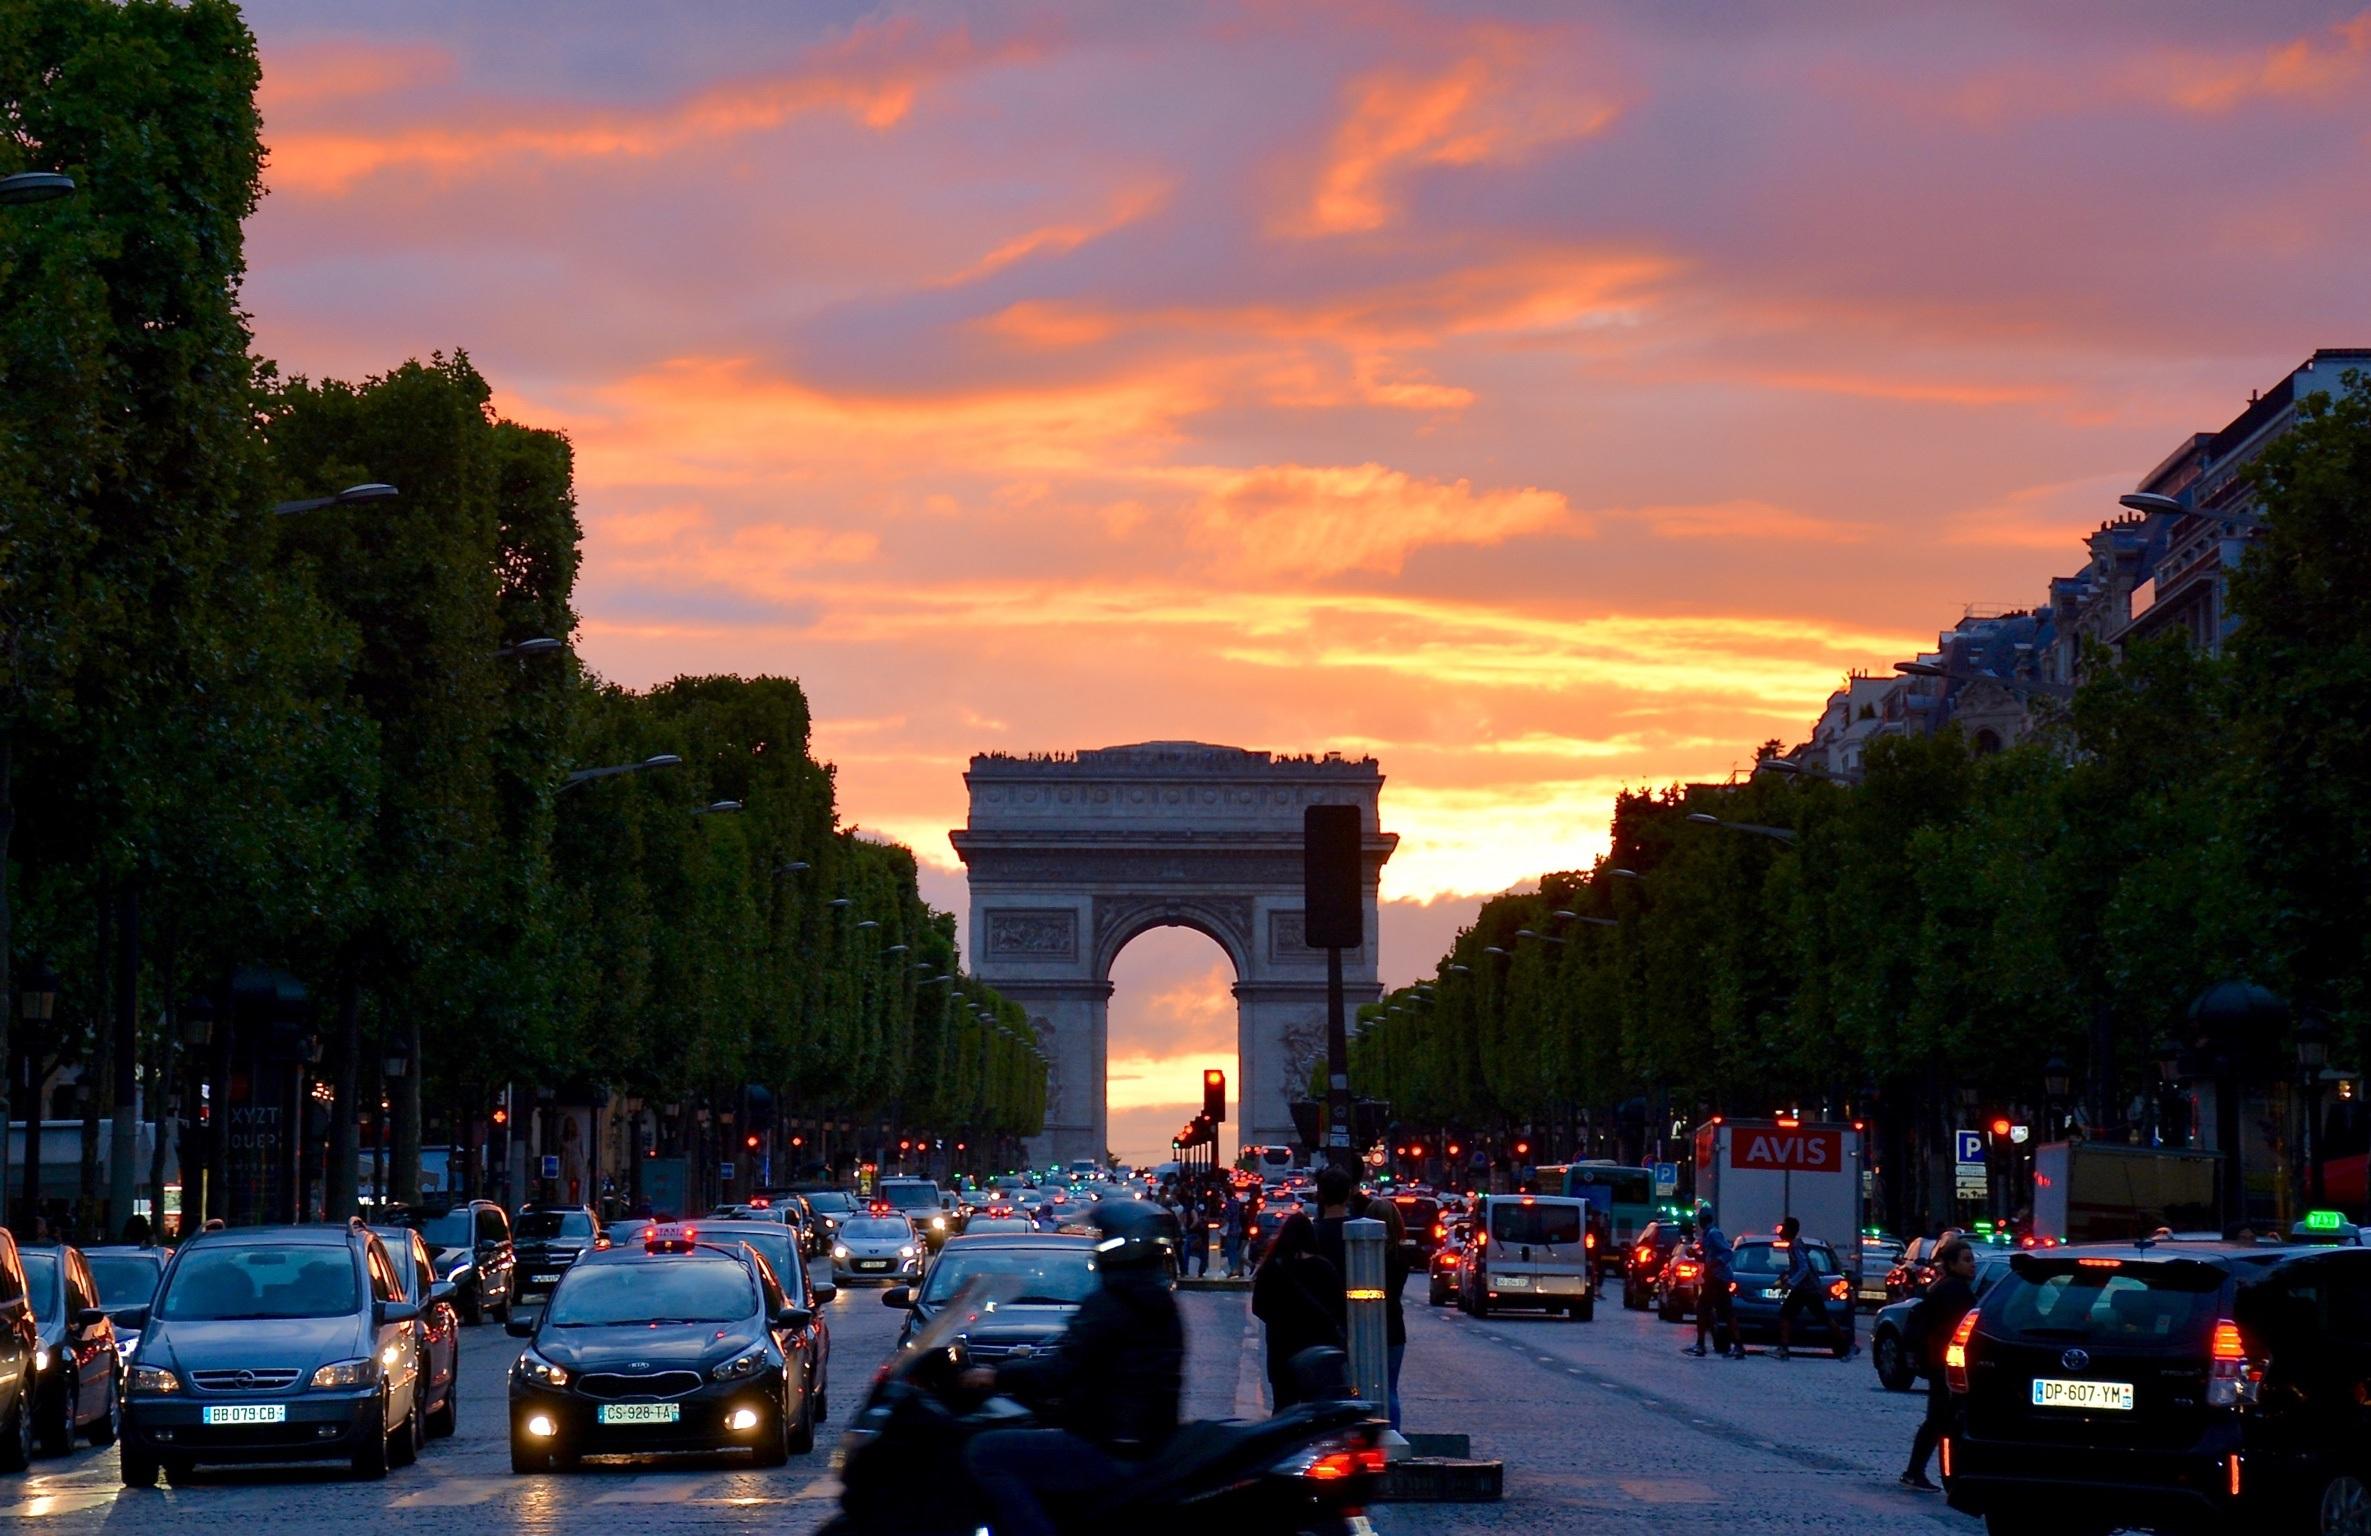 paris-sunset-france-monument-161901